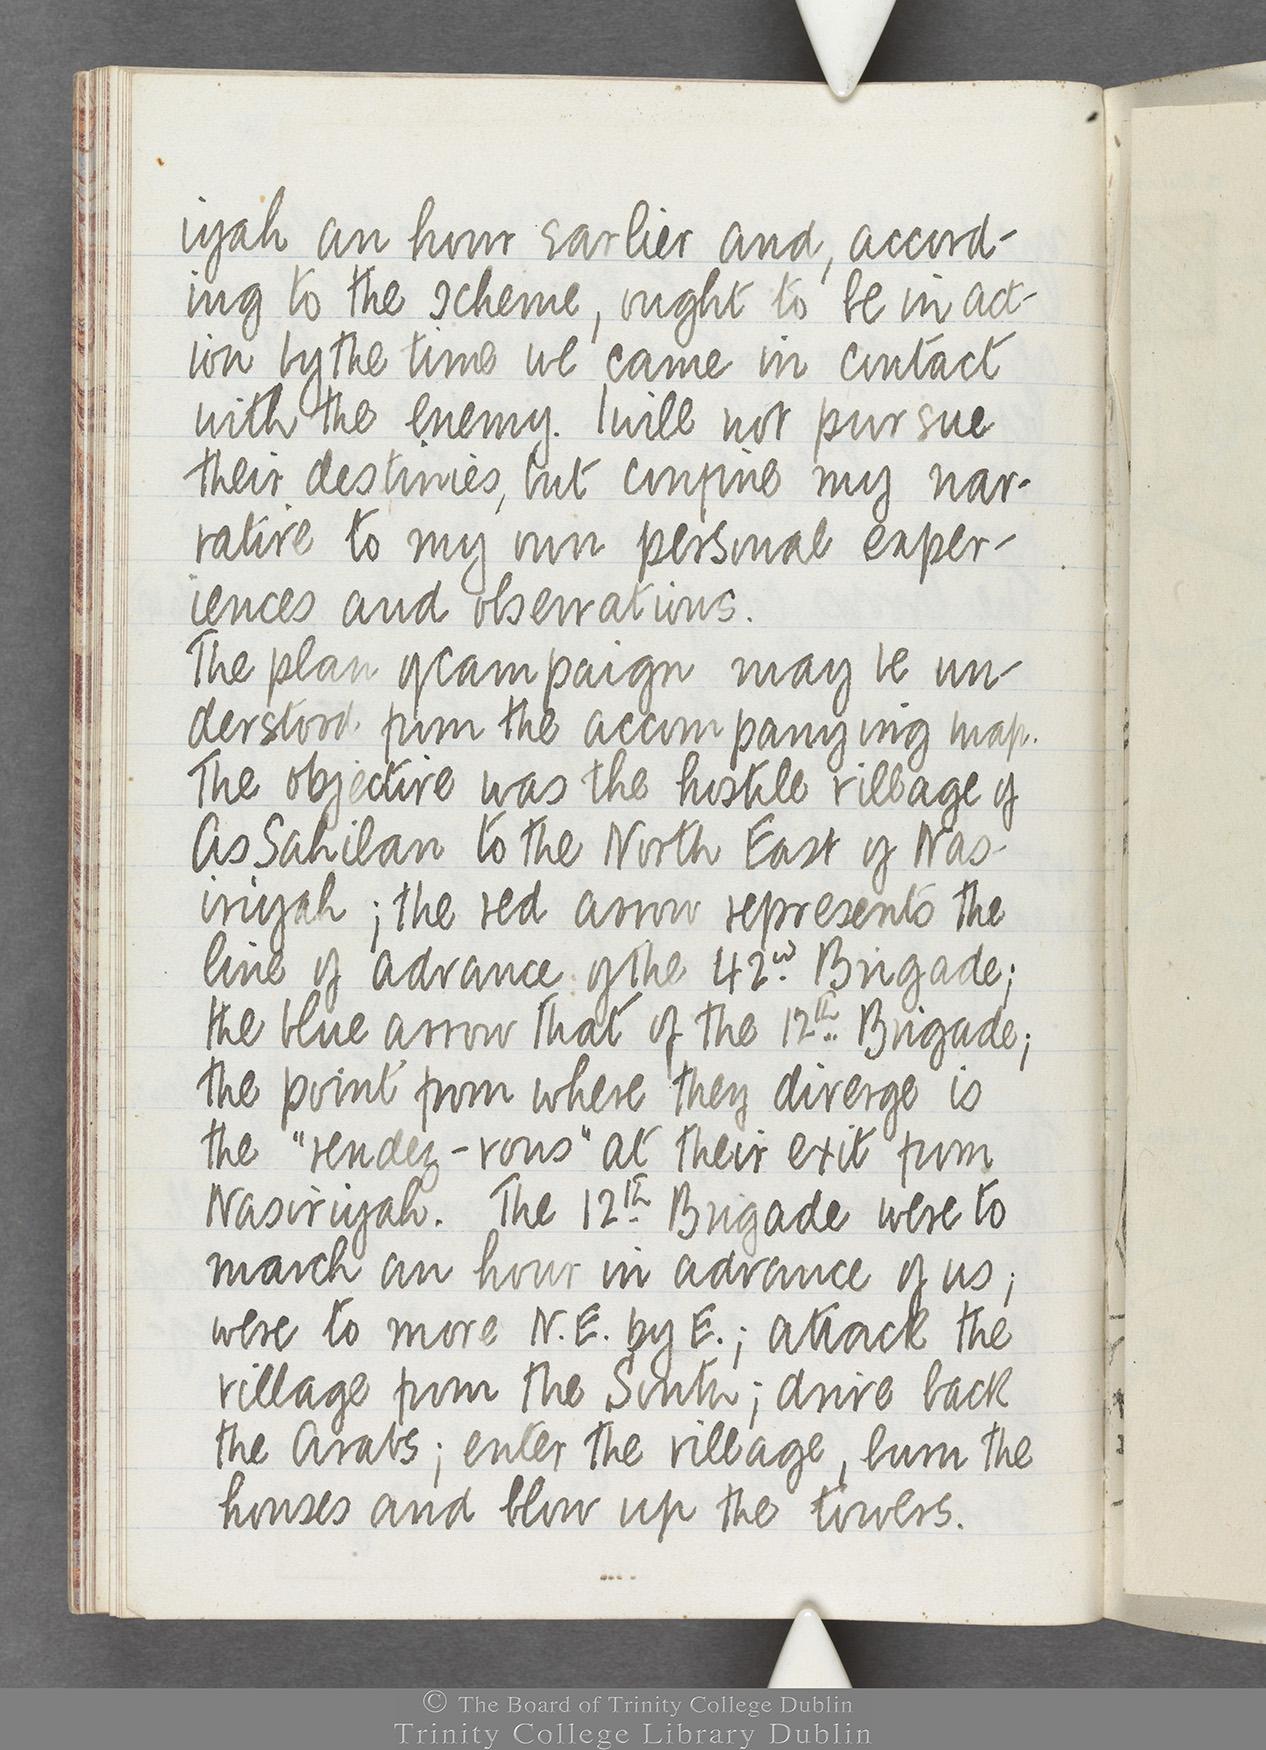 TCD MS 10516 folio 26 verso